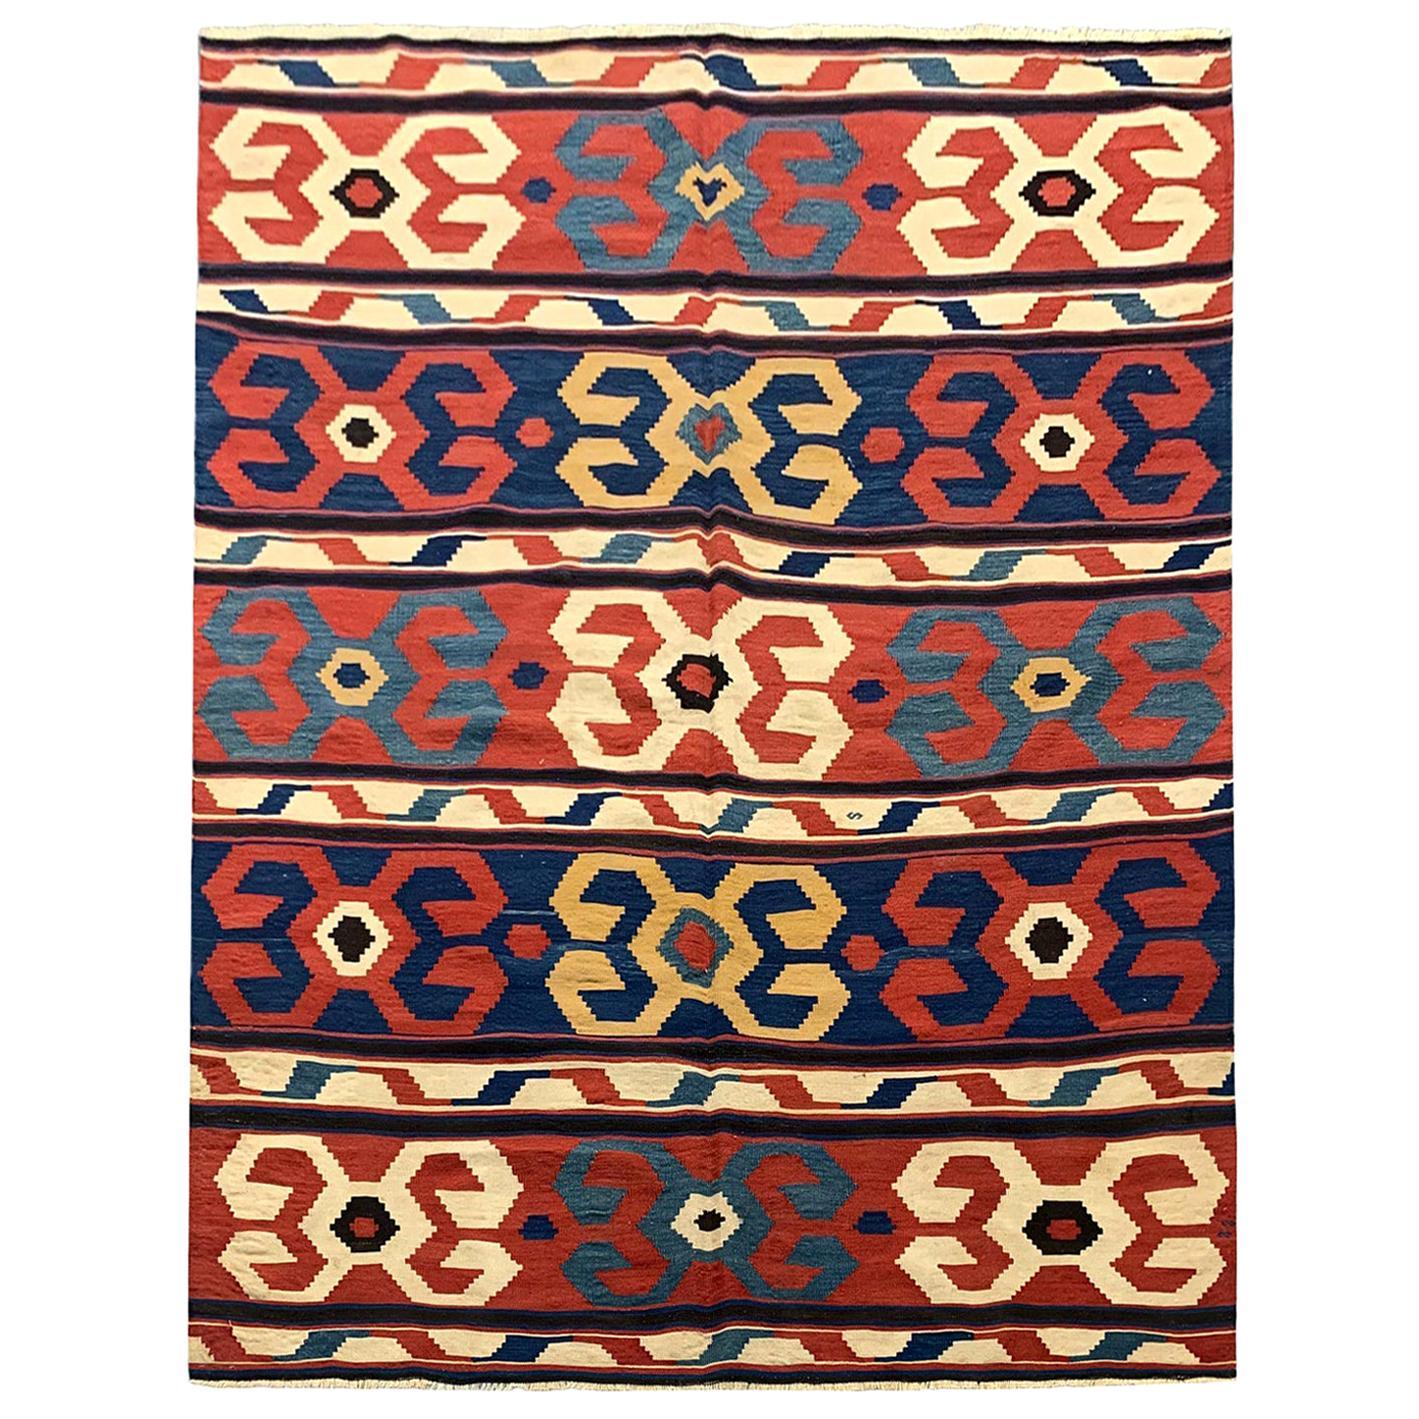 Oriental Rug Kilim Traditional Carpet Antique Rugs, Caucasian Kilim Rug